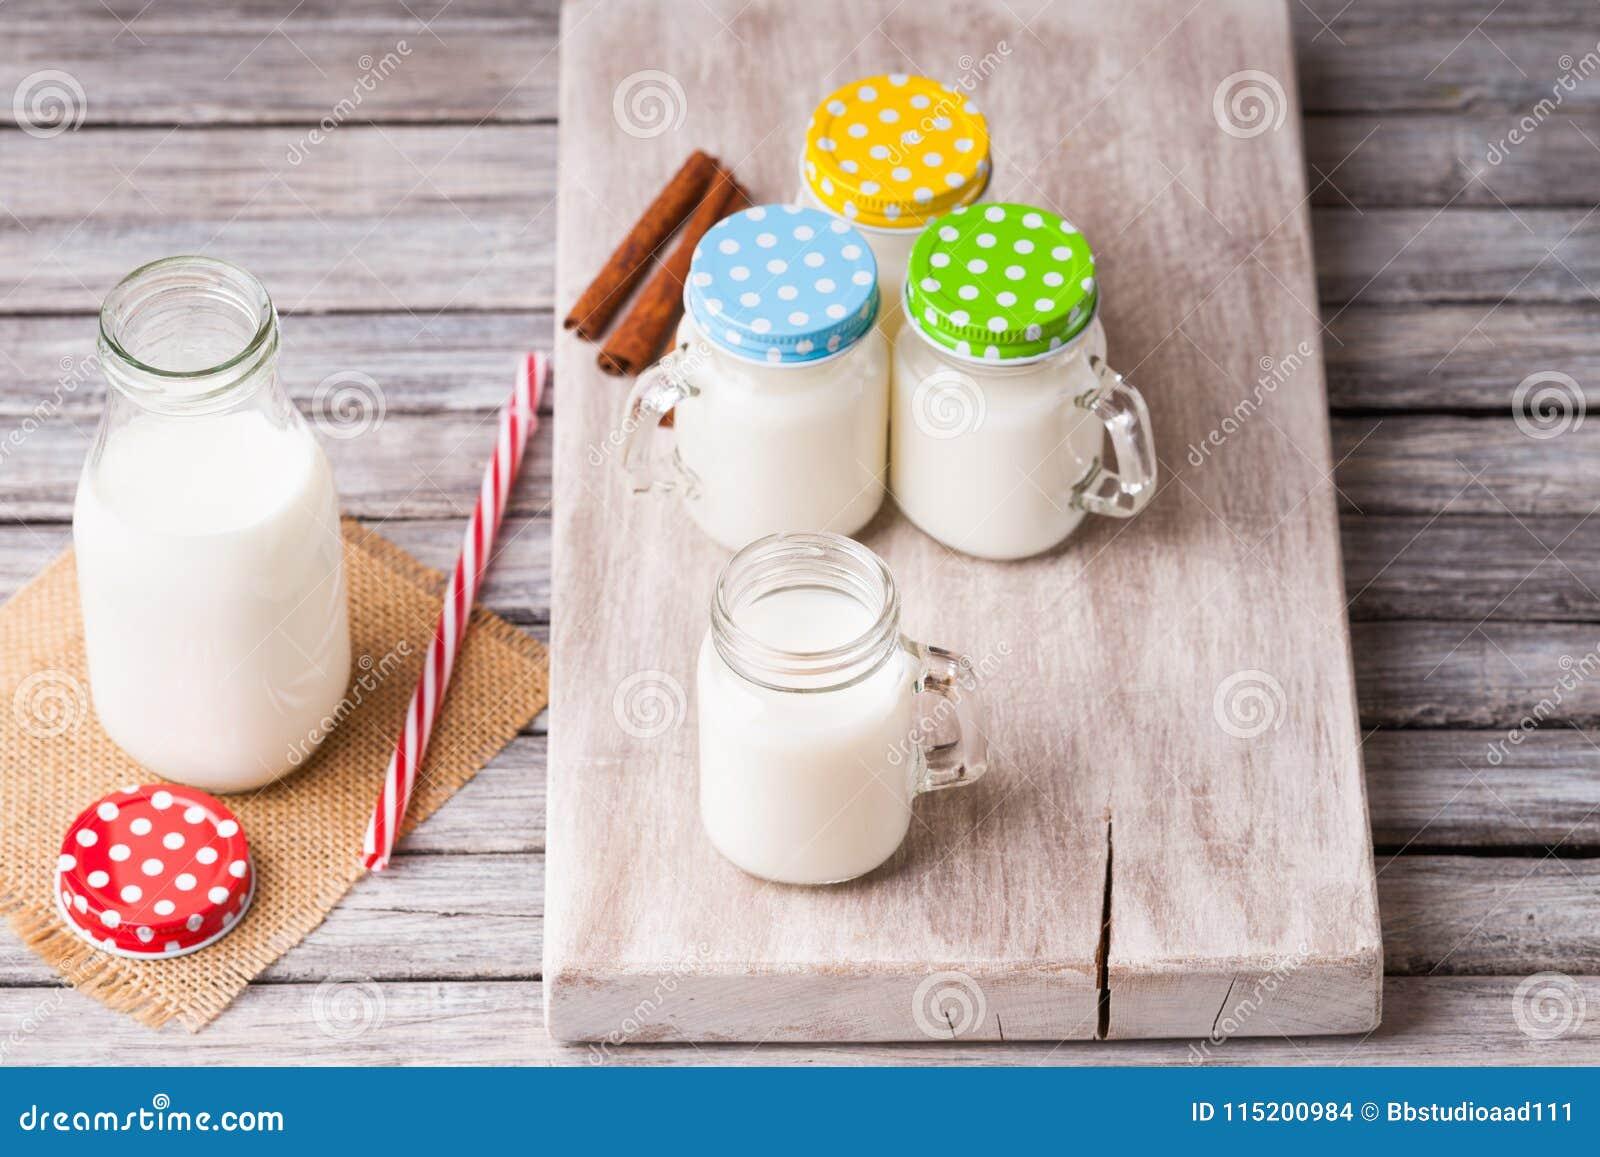 De melkkruiken met kleurrijke kappen op een knipsel schepen, kaneel en het drinken stro in